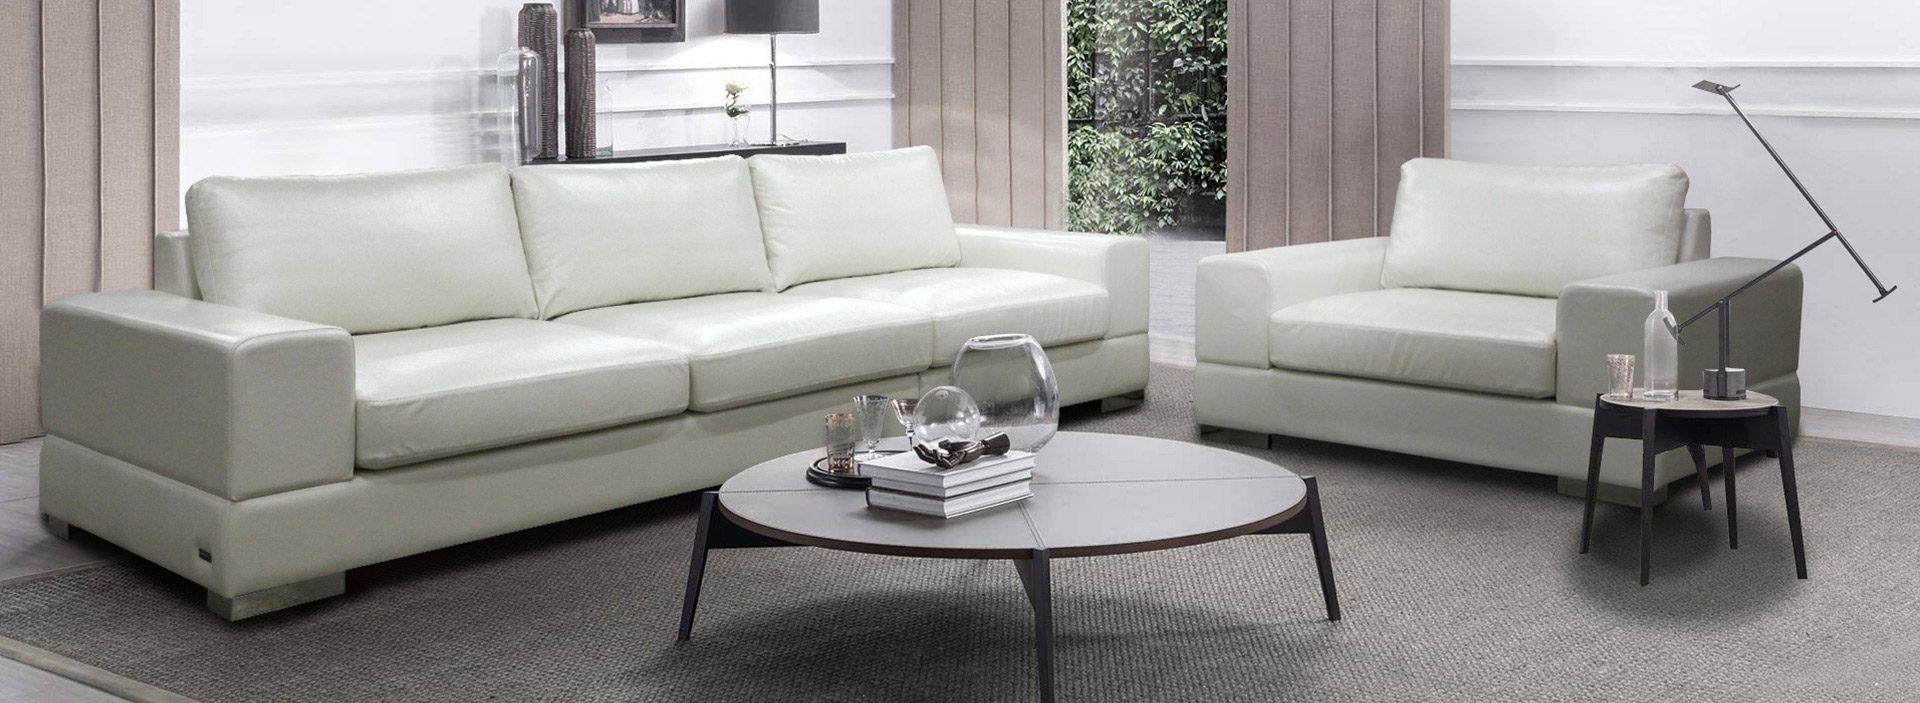 Белый комплект мягкой мебели